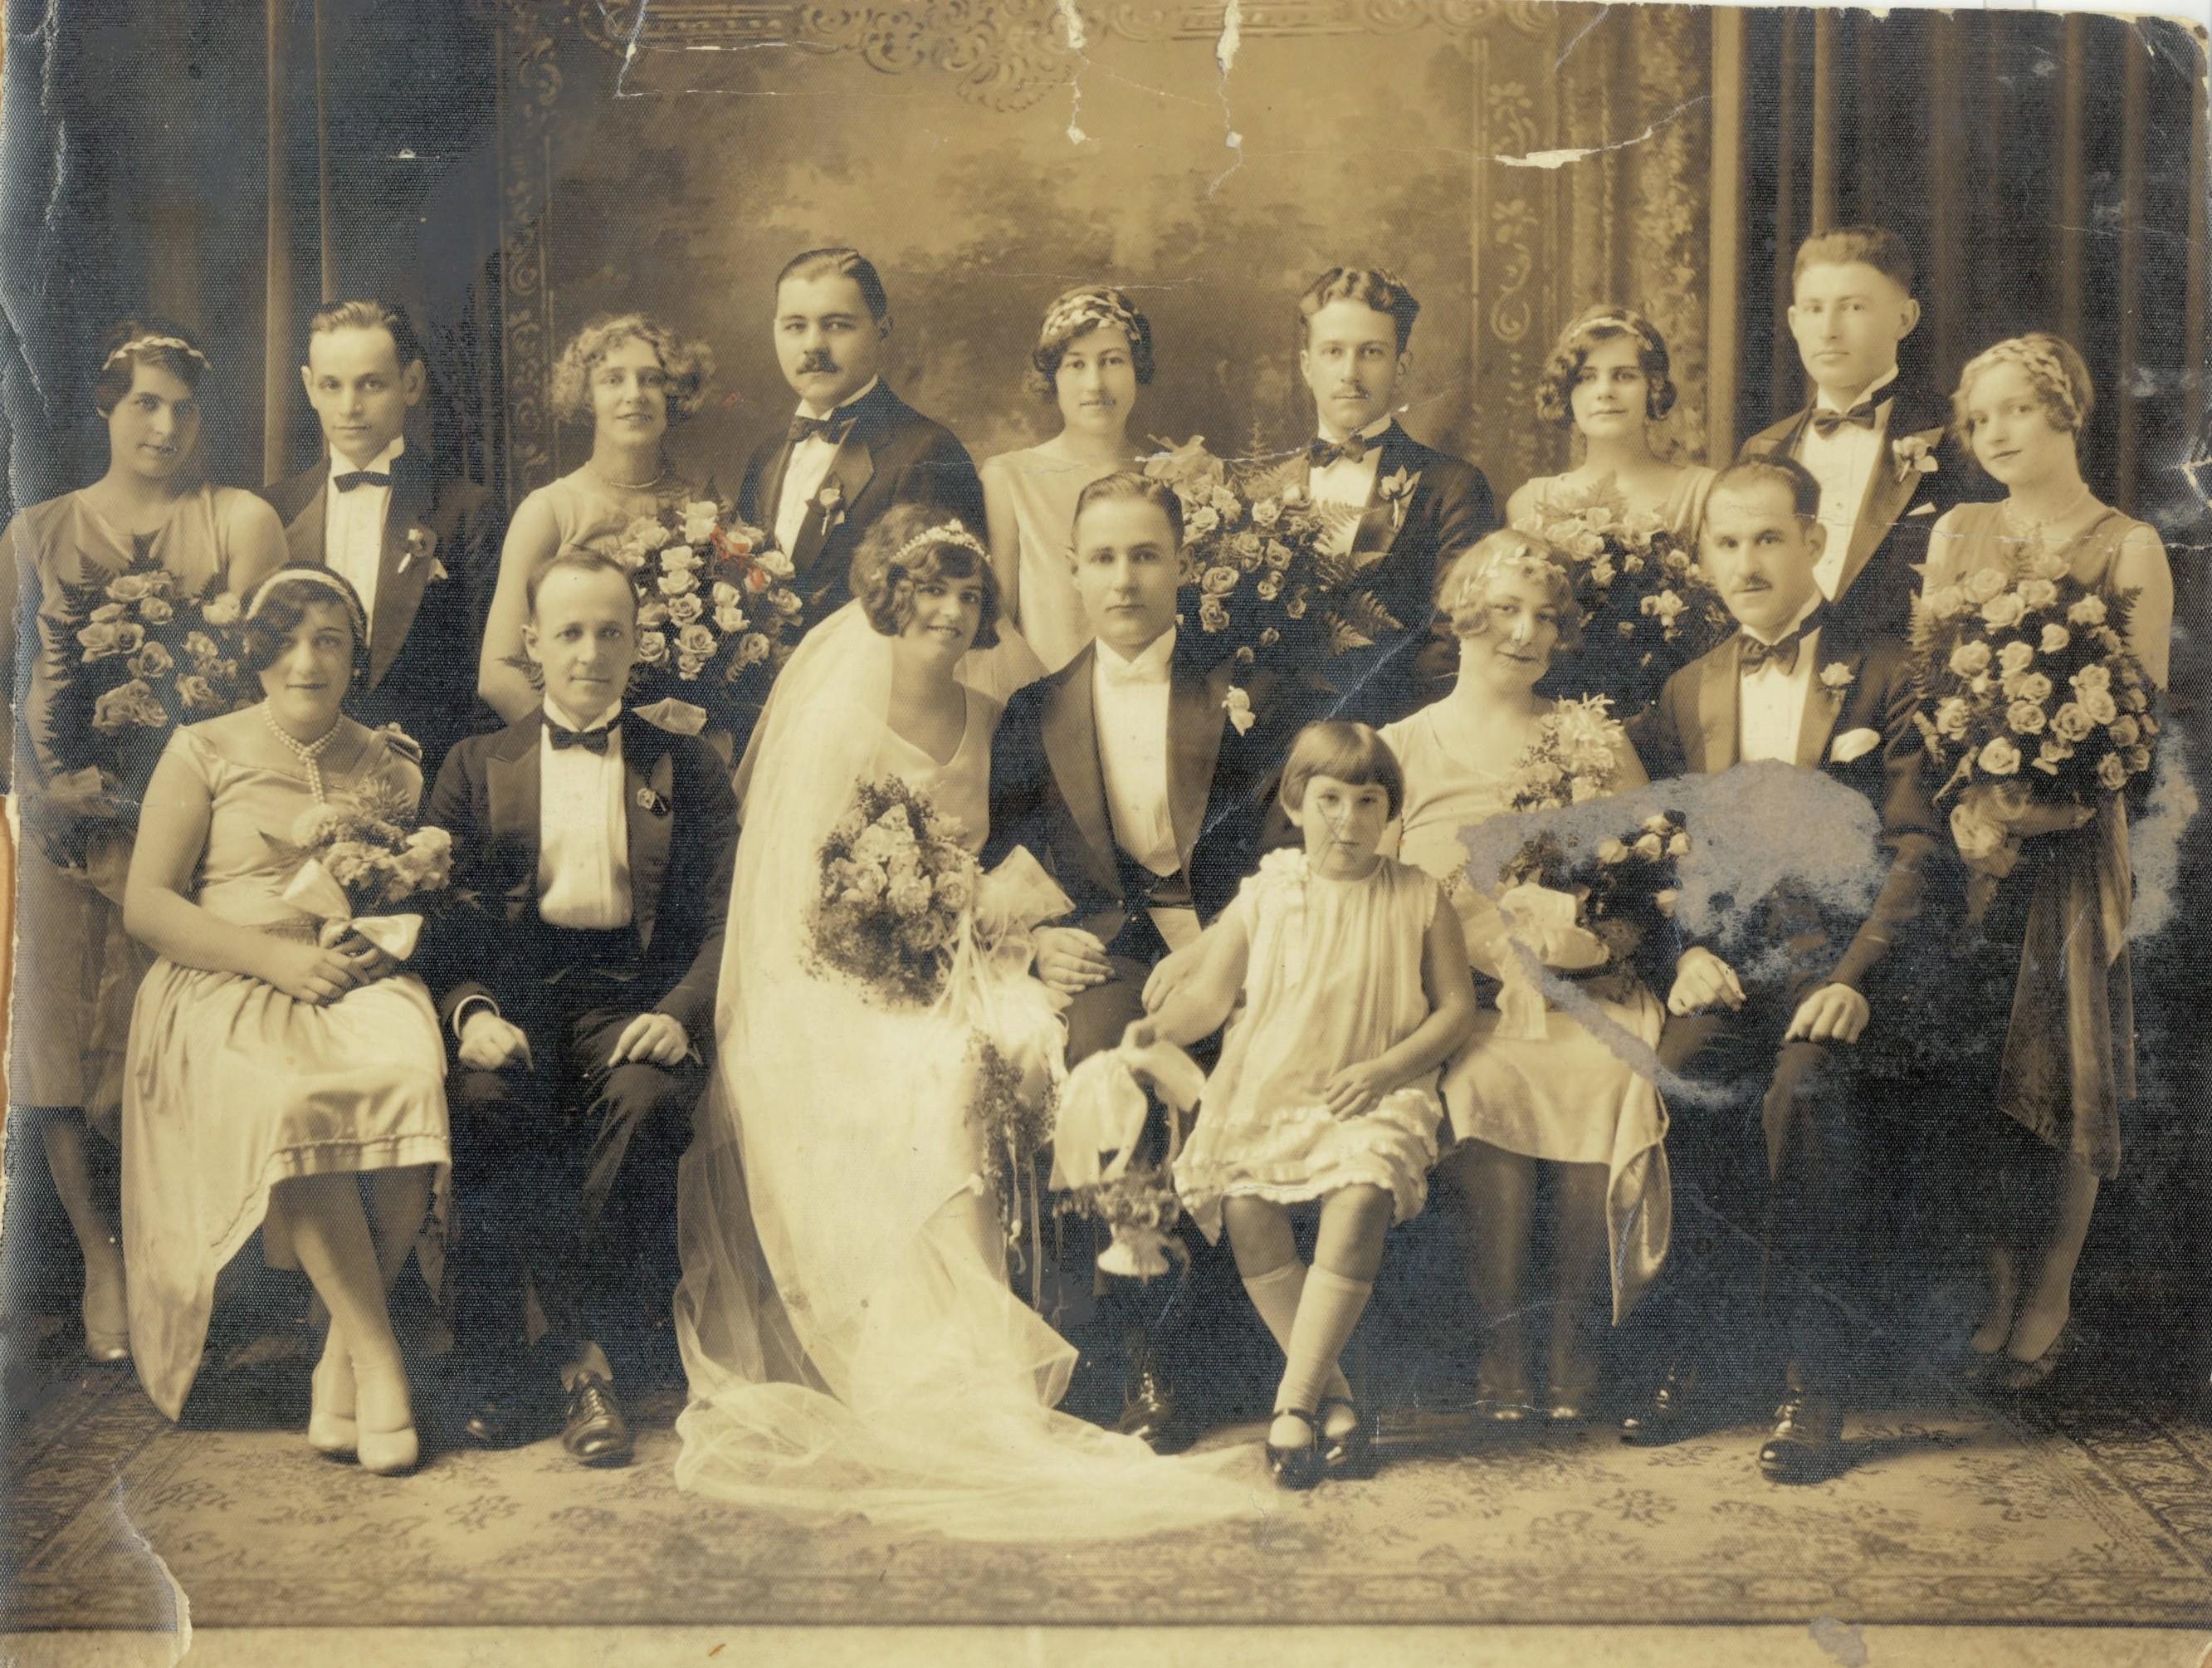 #9 Polly: Josephine's wedding